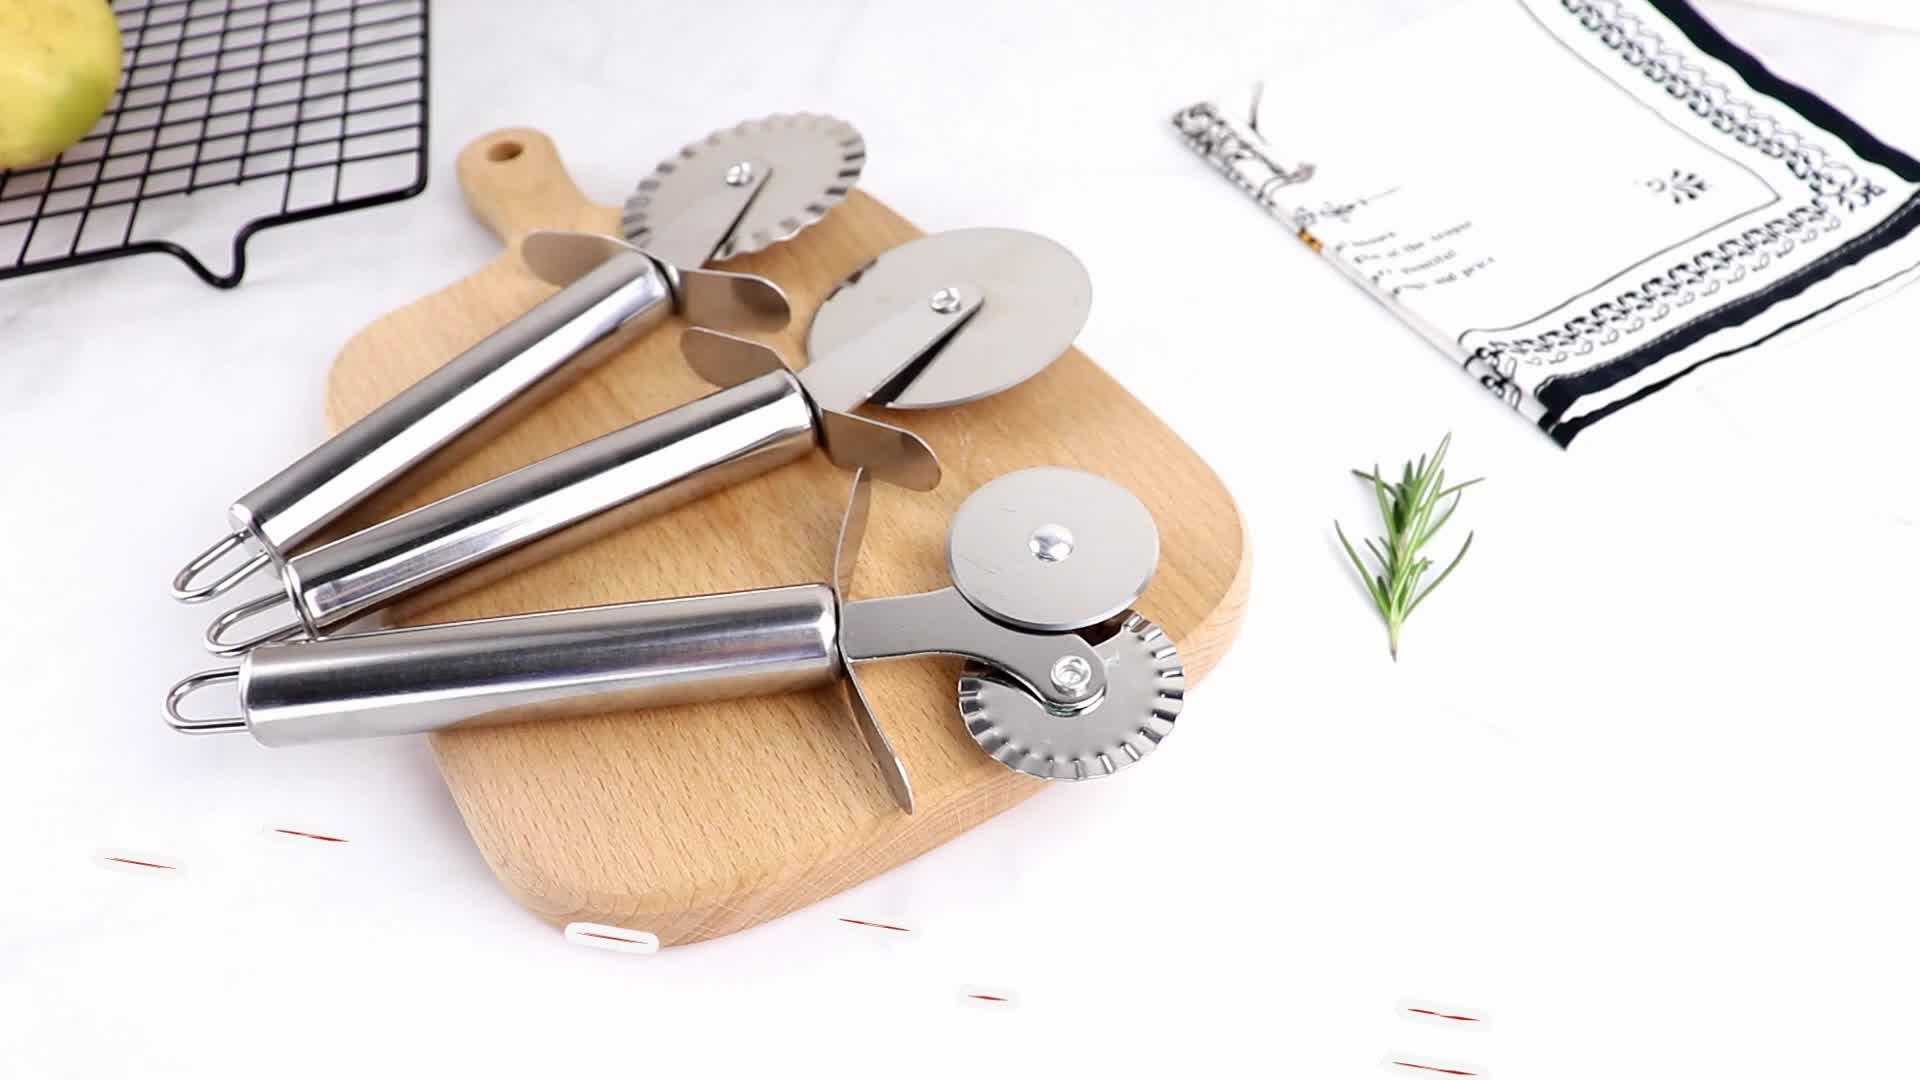 공장 가격 스테인레스 스틸 도구 요리 클램프, 개막전, 자전거 피자 커터 휠